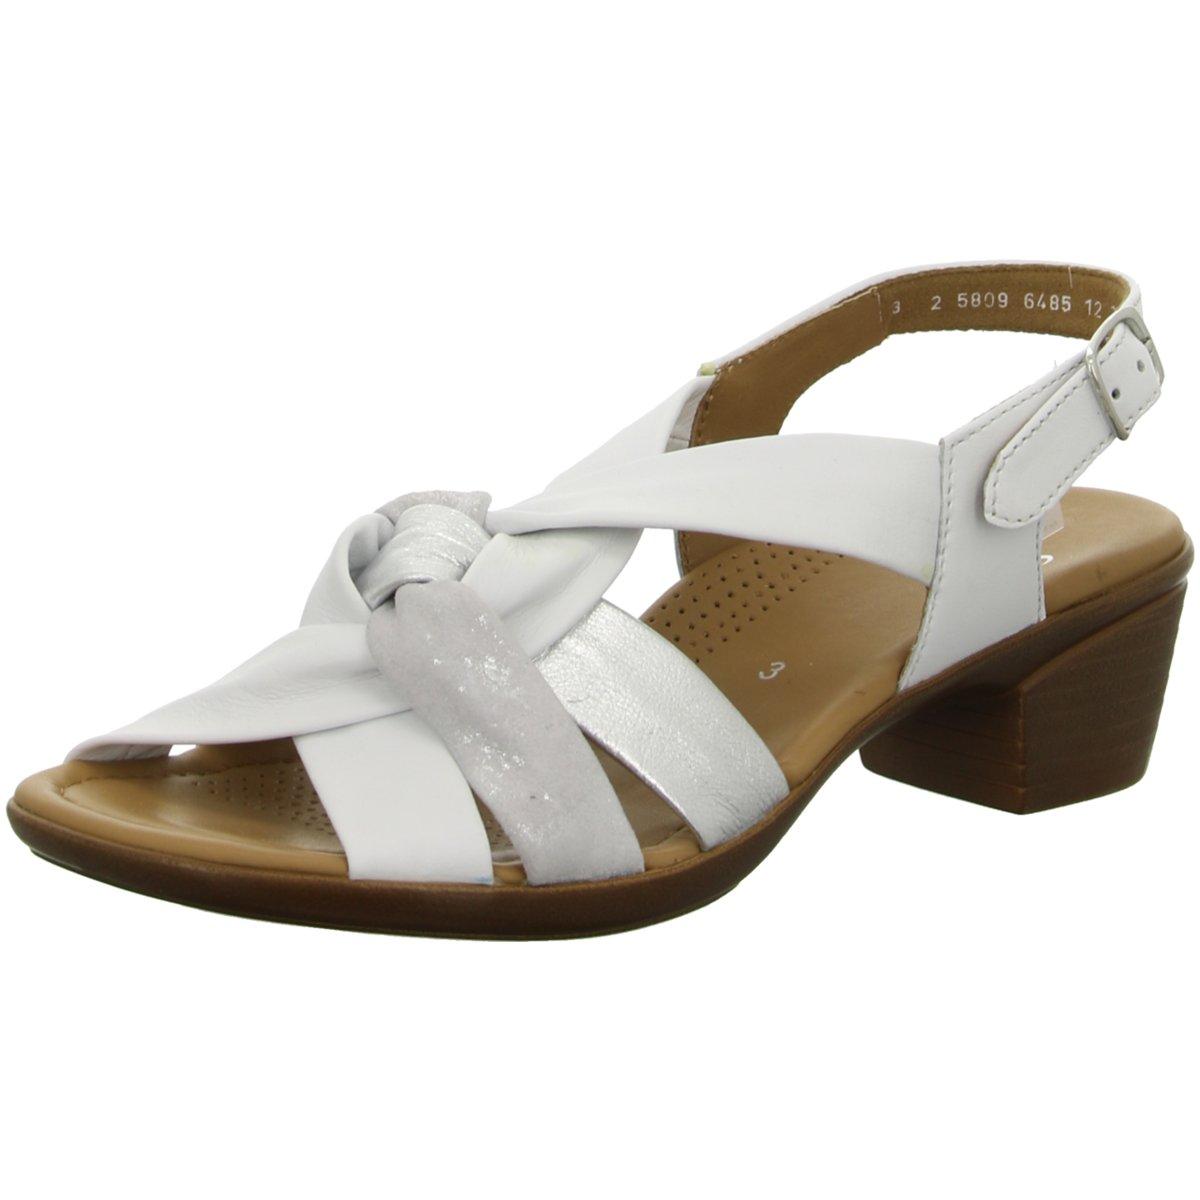 Zu Details 05 Lugano Ara Damen 254002 Sandaletten Weiß 35741 rCxWBedo